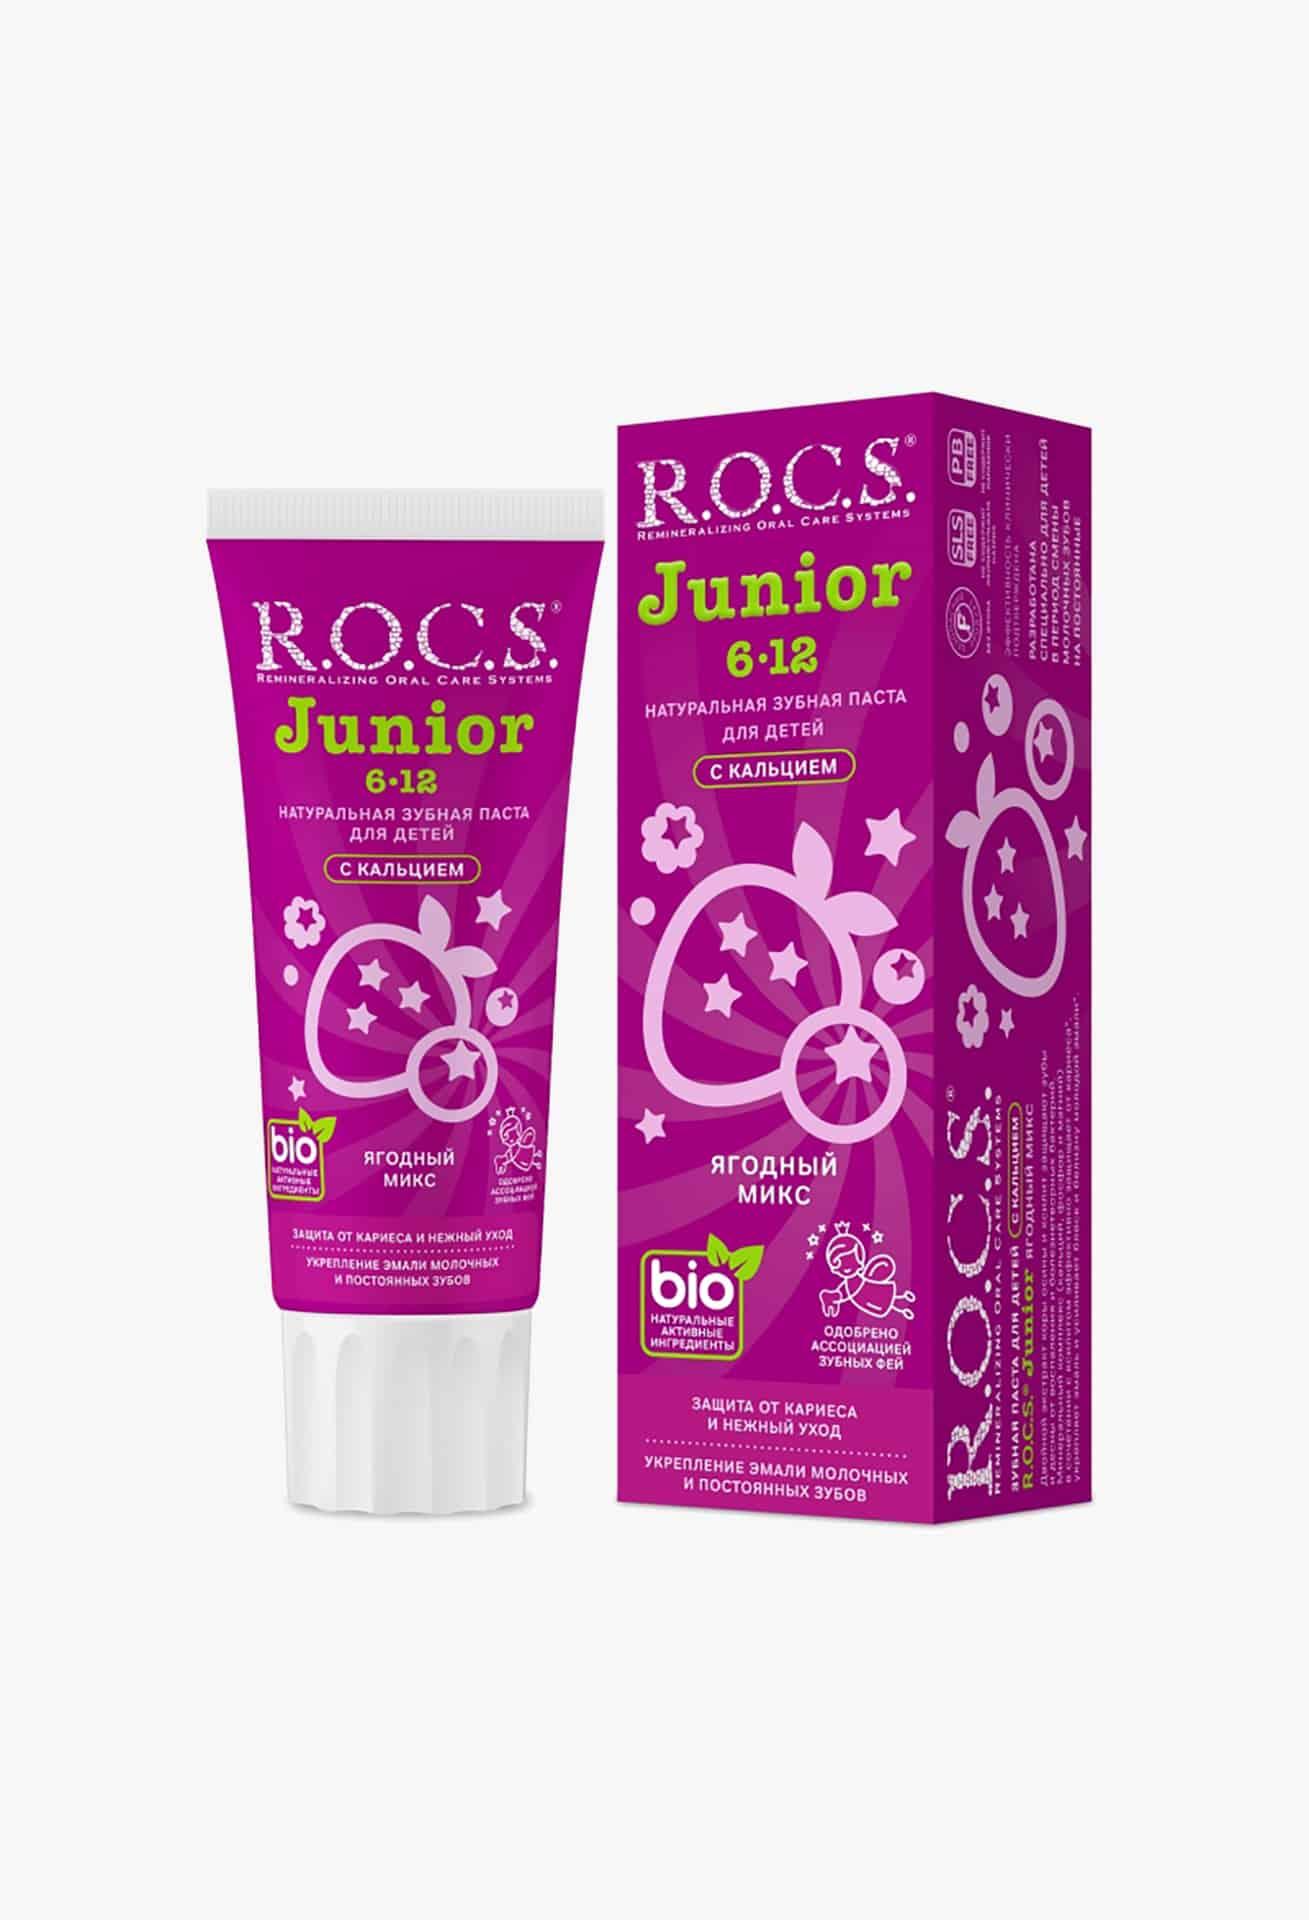 """Зубна паста """"R.O.C.S. Junior Ягодный микс"""", 74гр"""